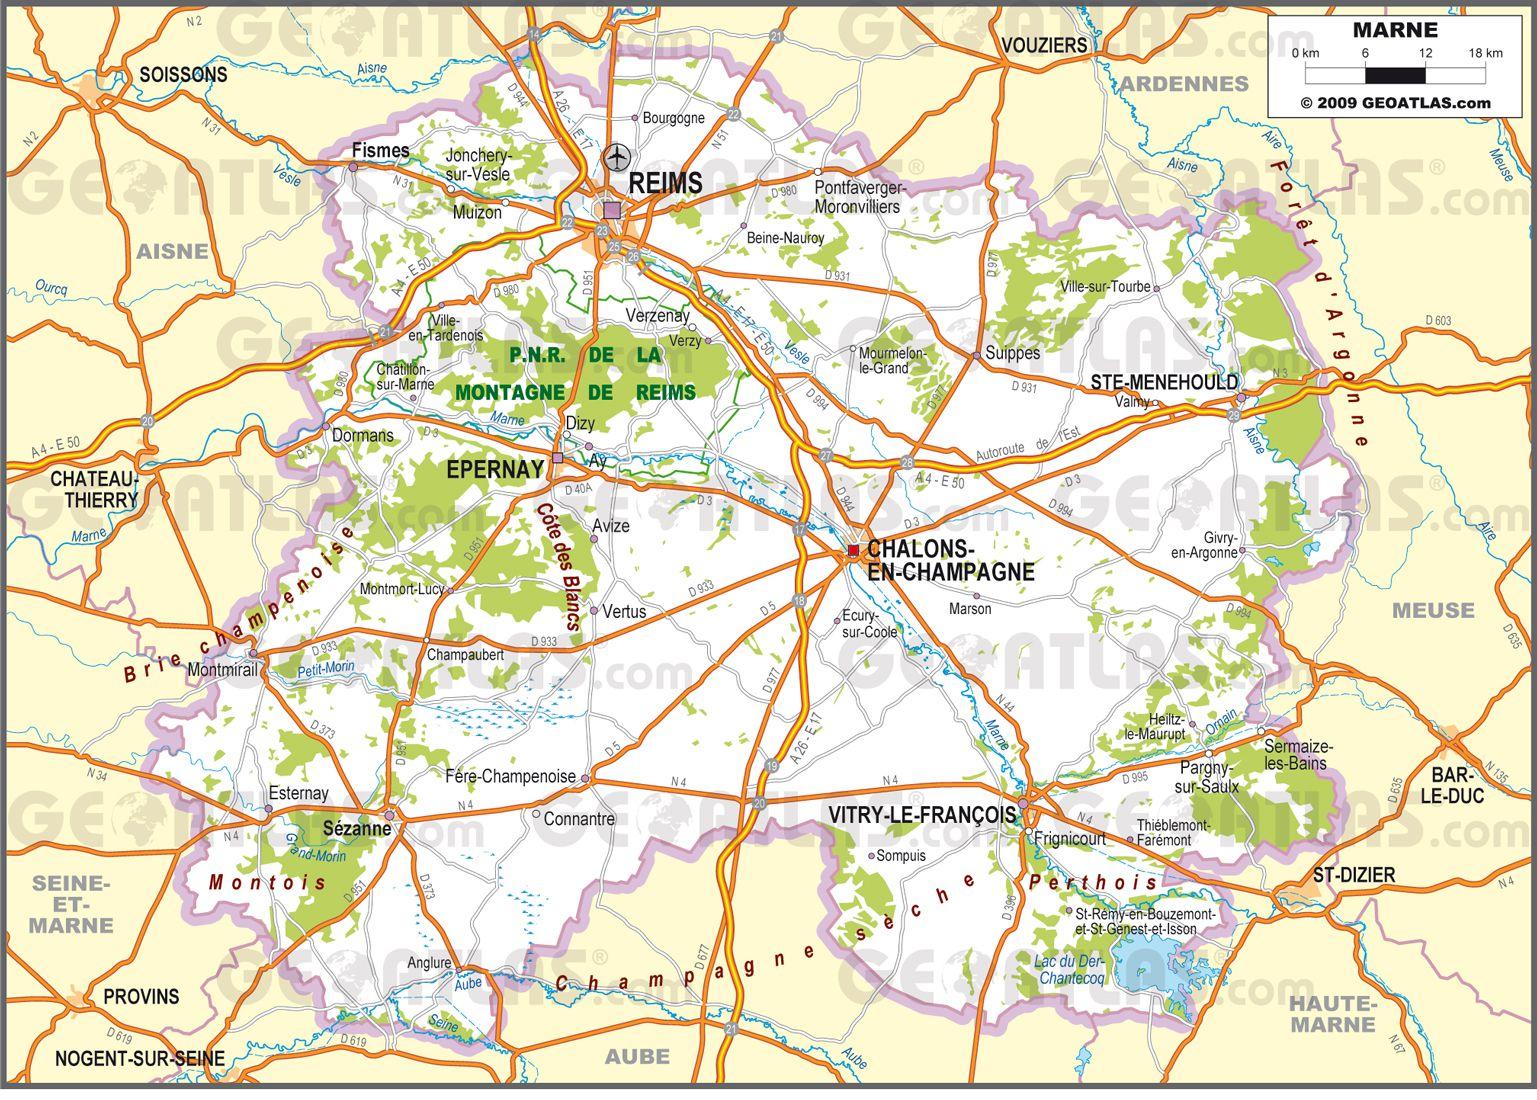 Carte routière de la Marne